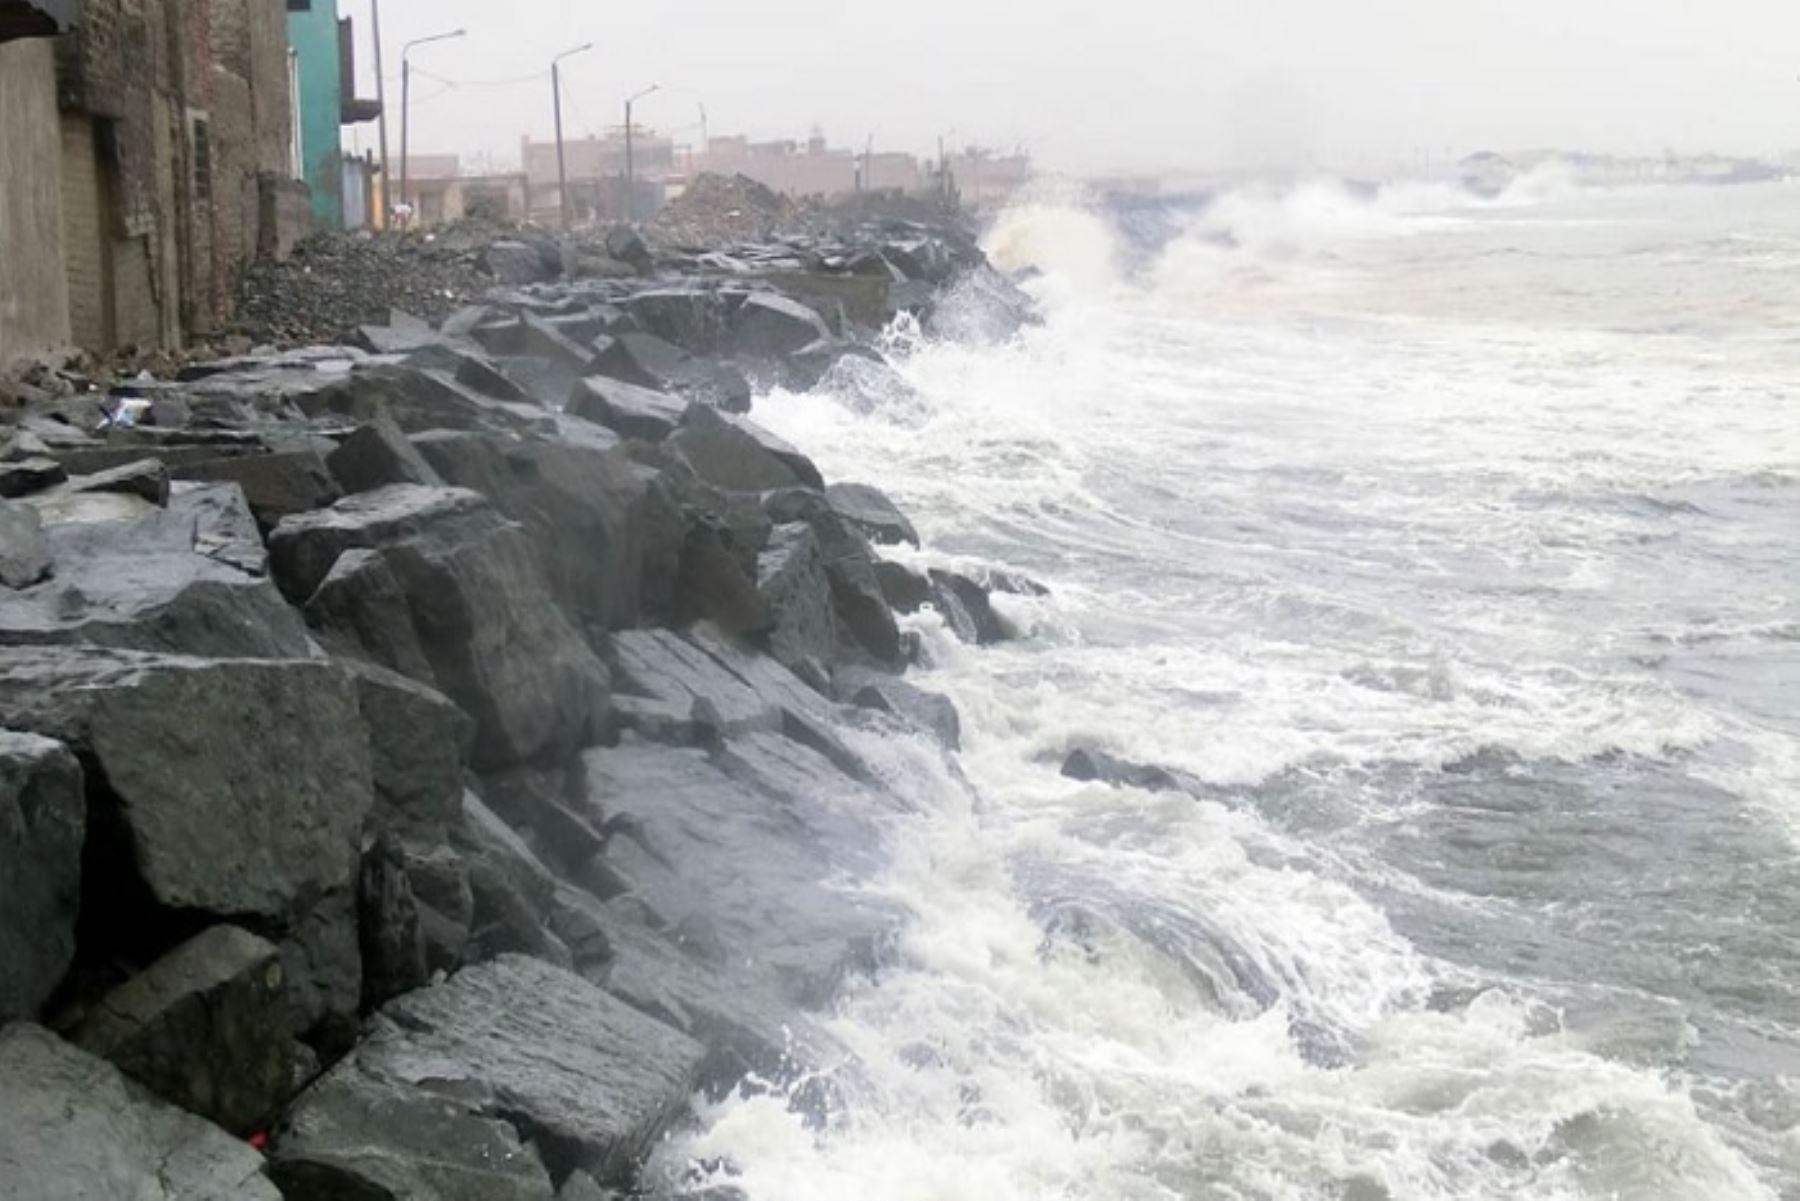 Oleajes: condiciones del mar se normalizarán entre hoy y mañana